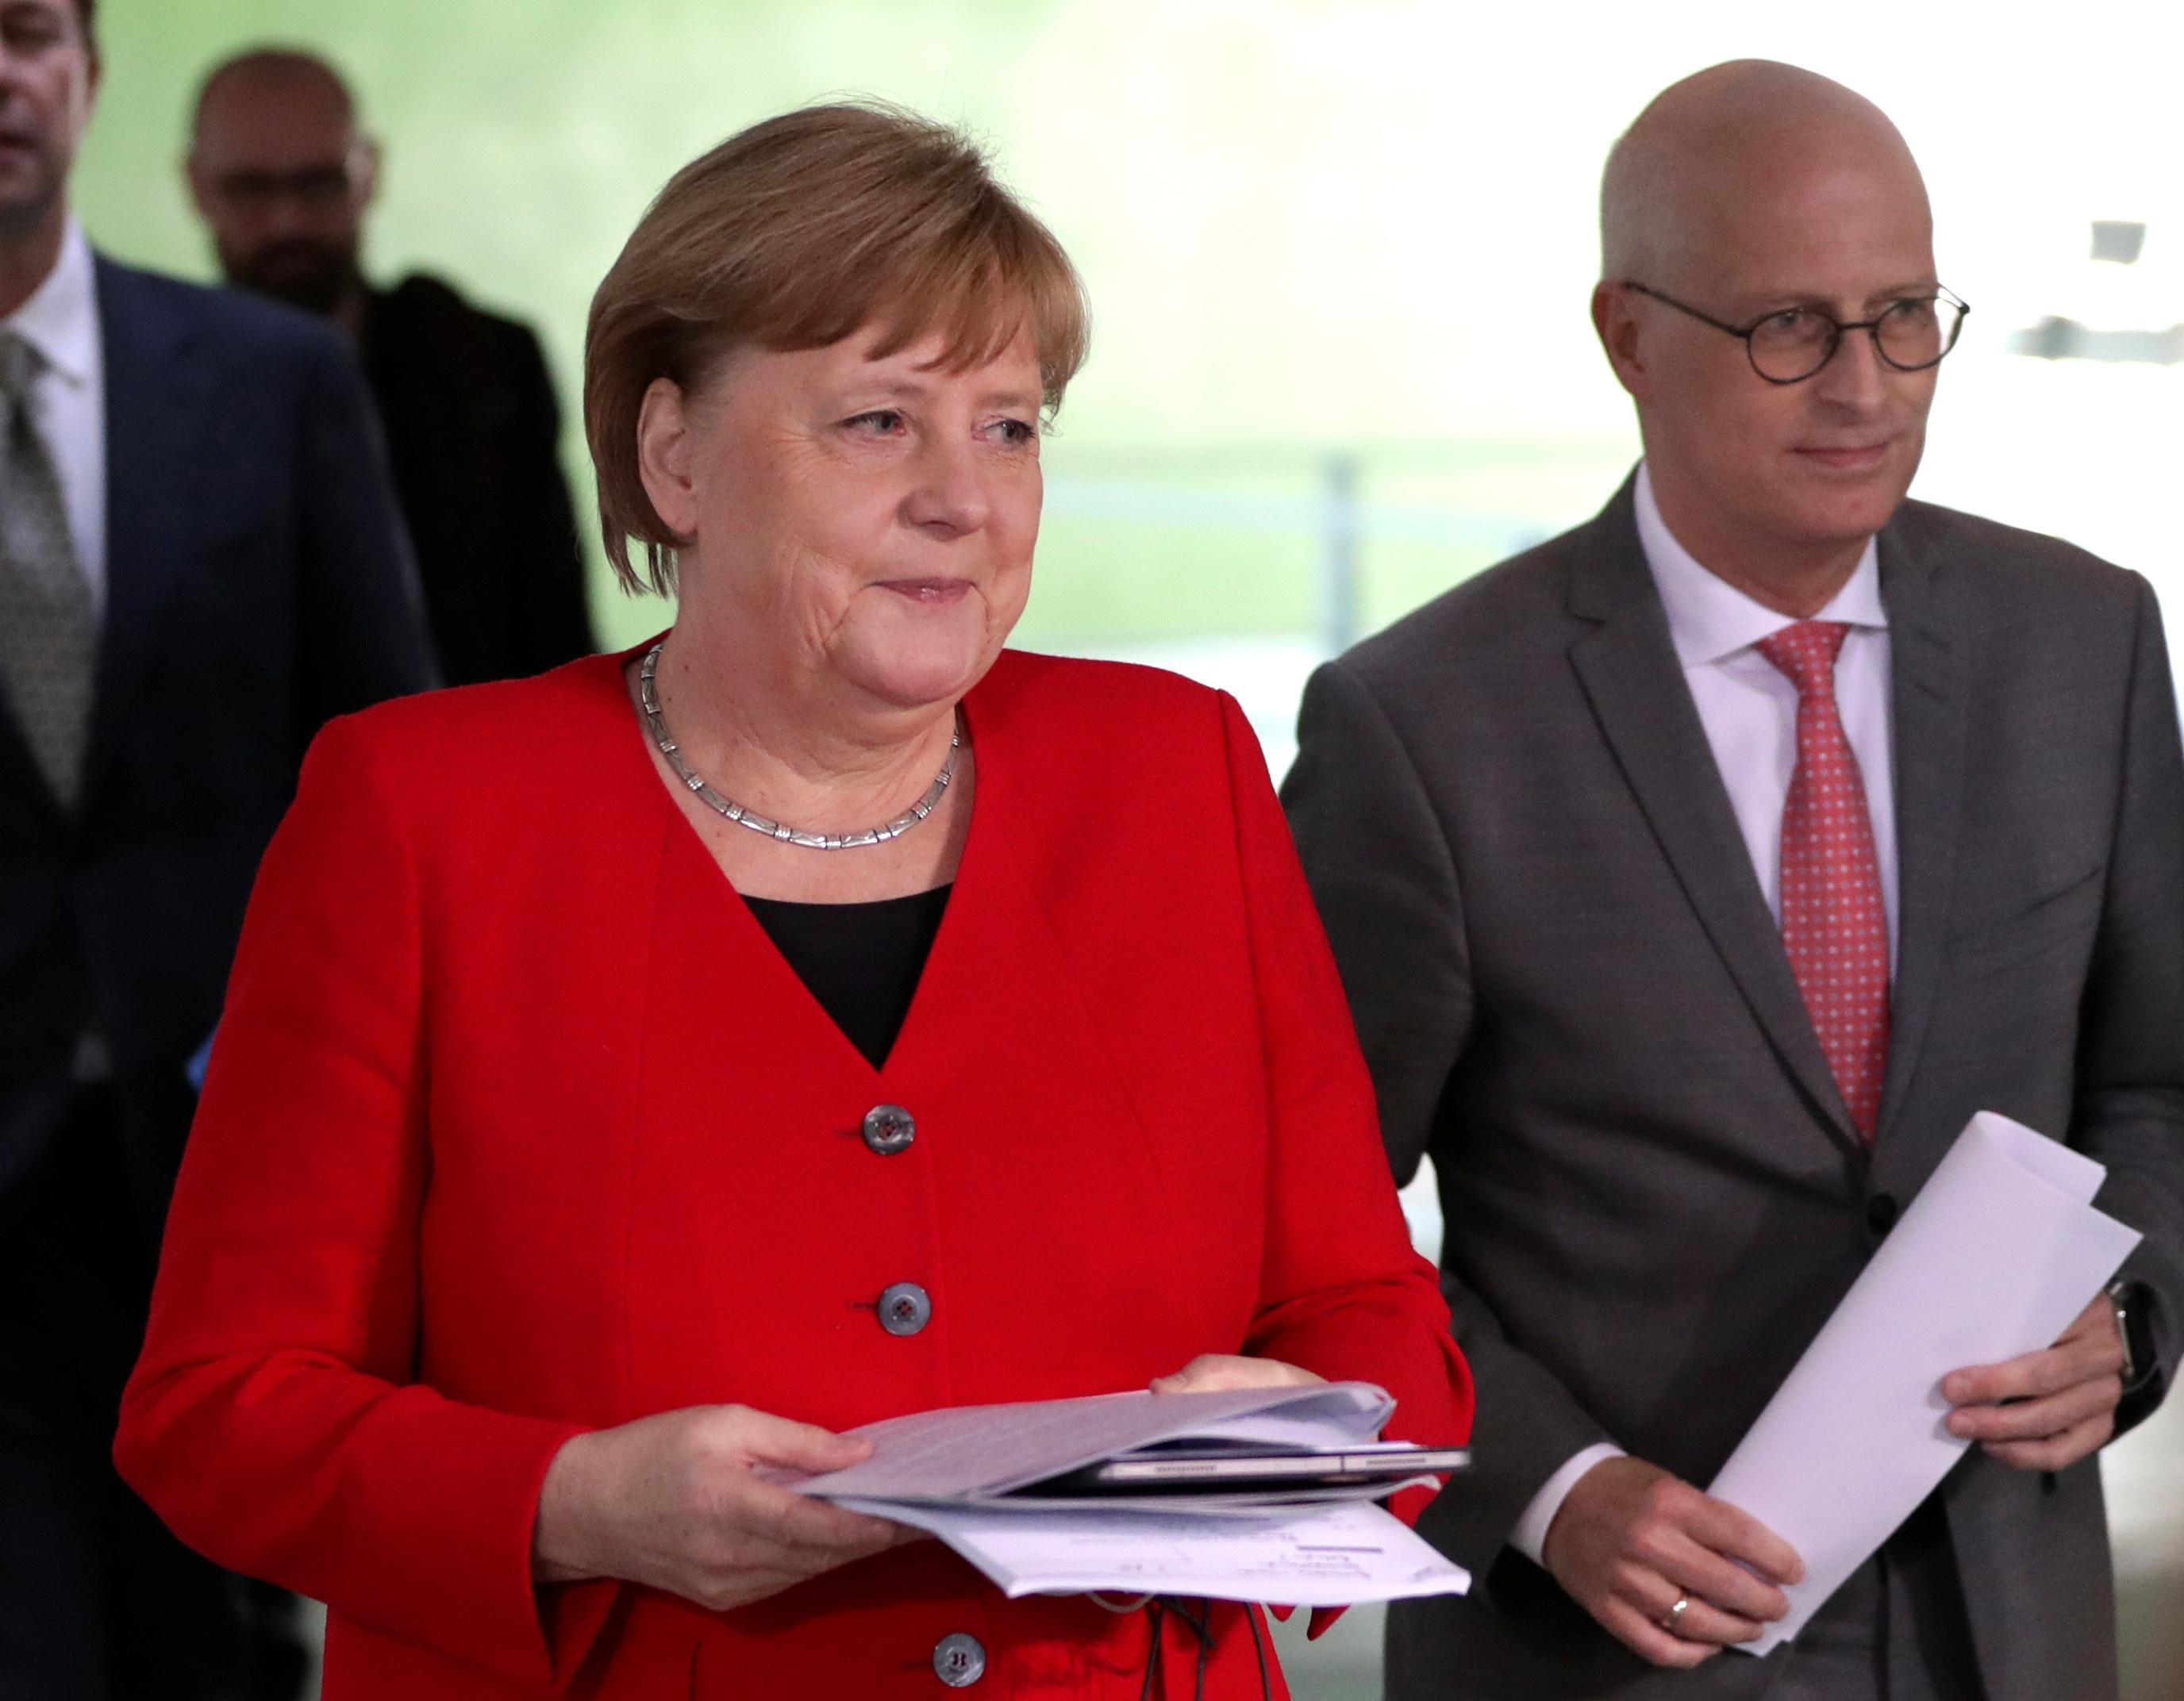 6日、ドイツ・ベルリンで記者会見場に姿を見せたメルケル首相(ロイター=共同)